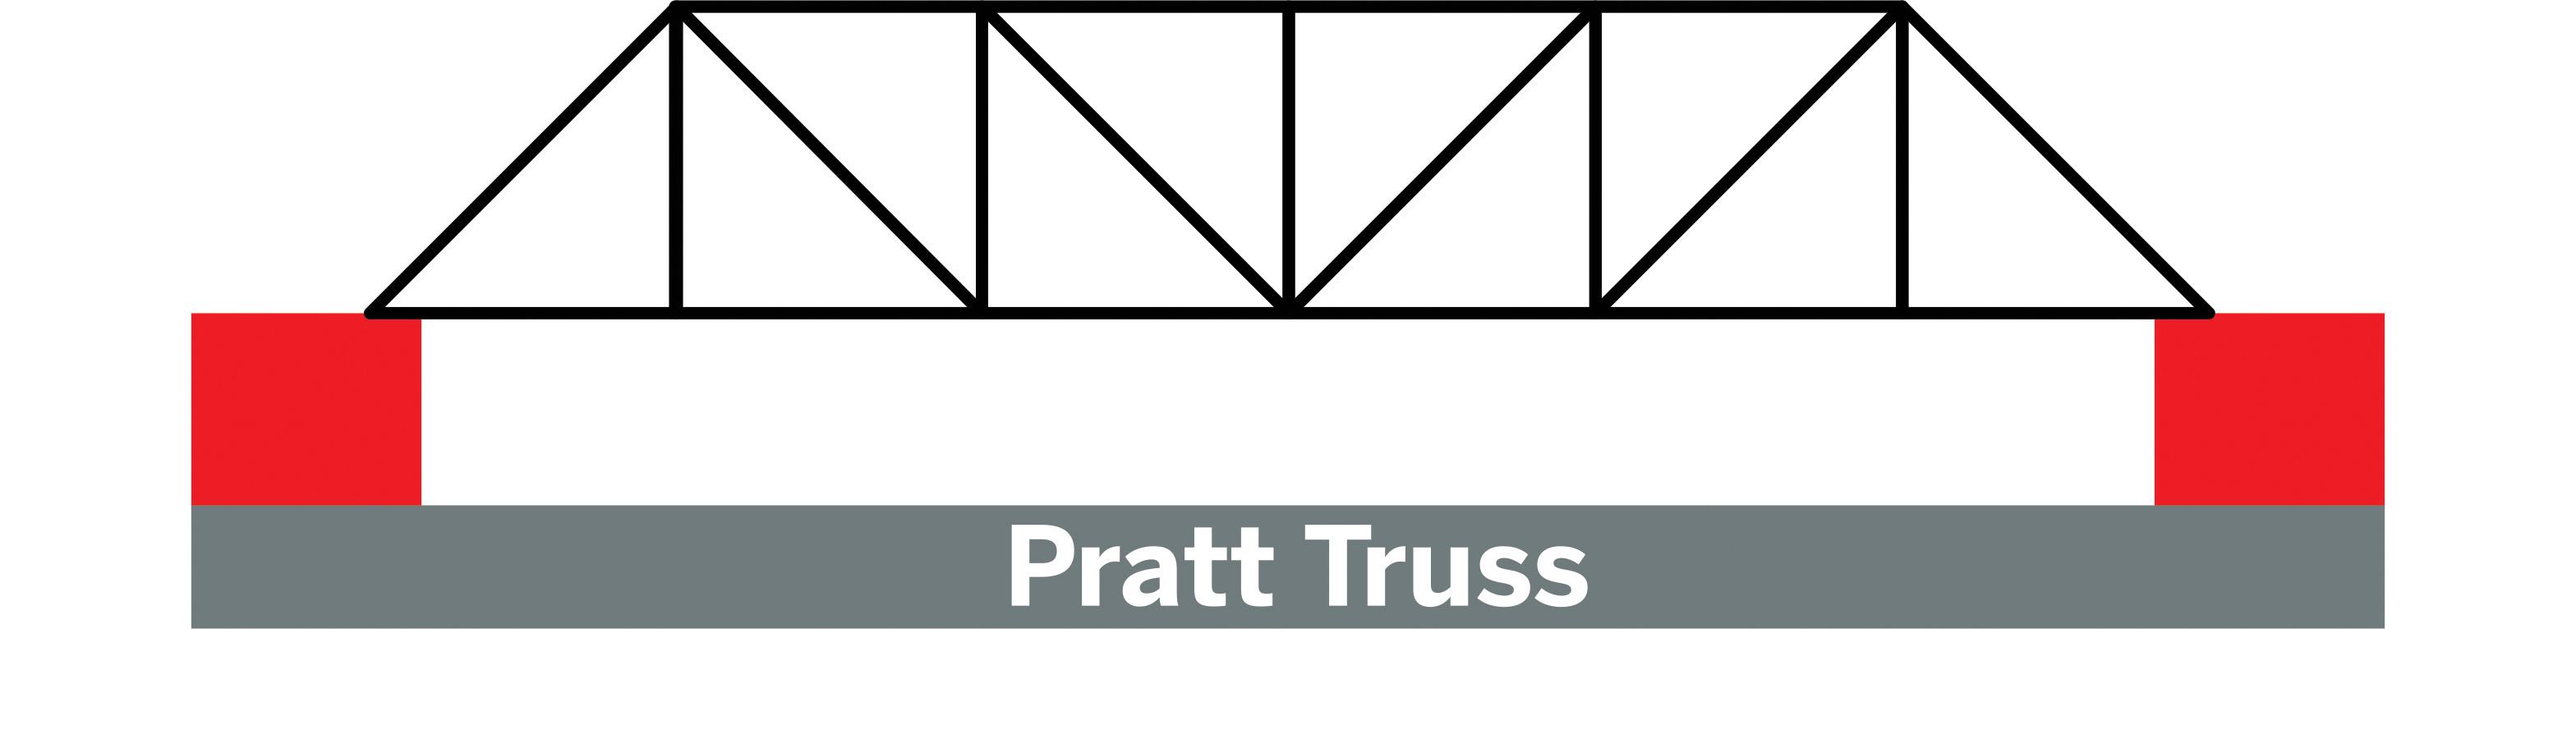 Pratt Truss Toothpick Bridge Make a Warren Truss Br...